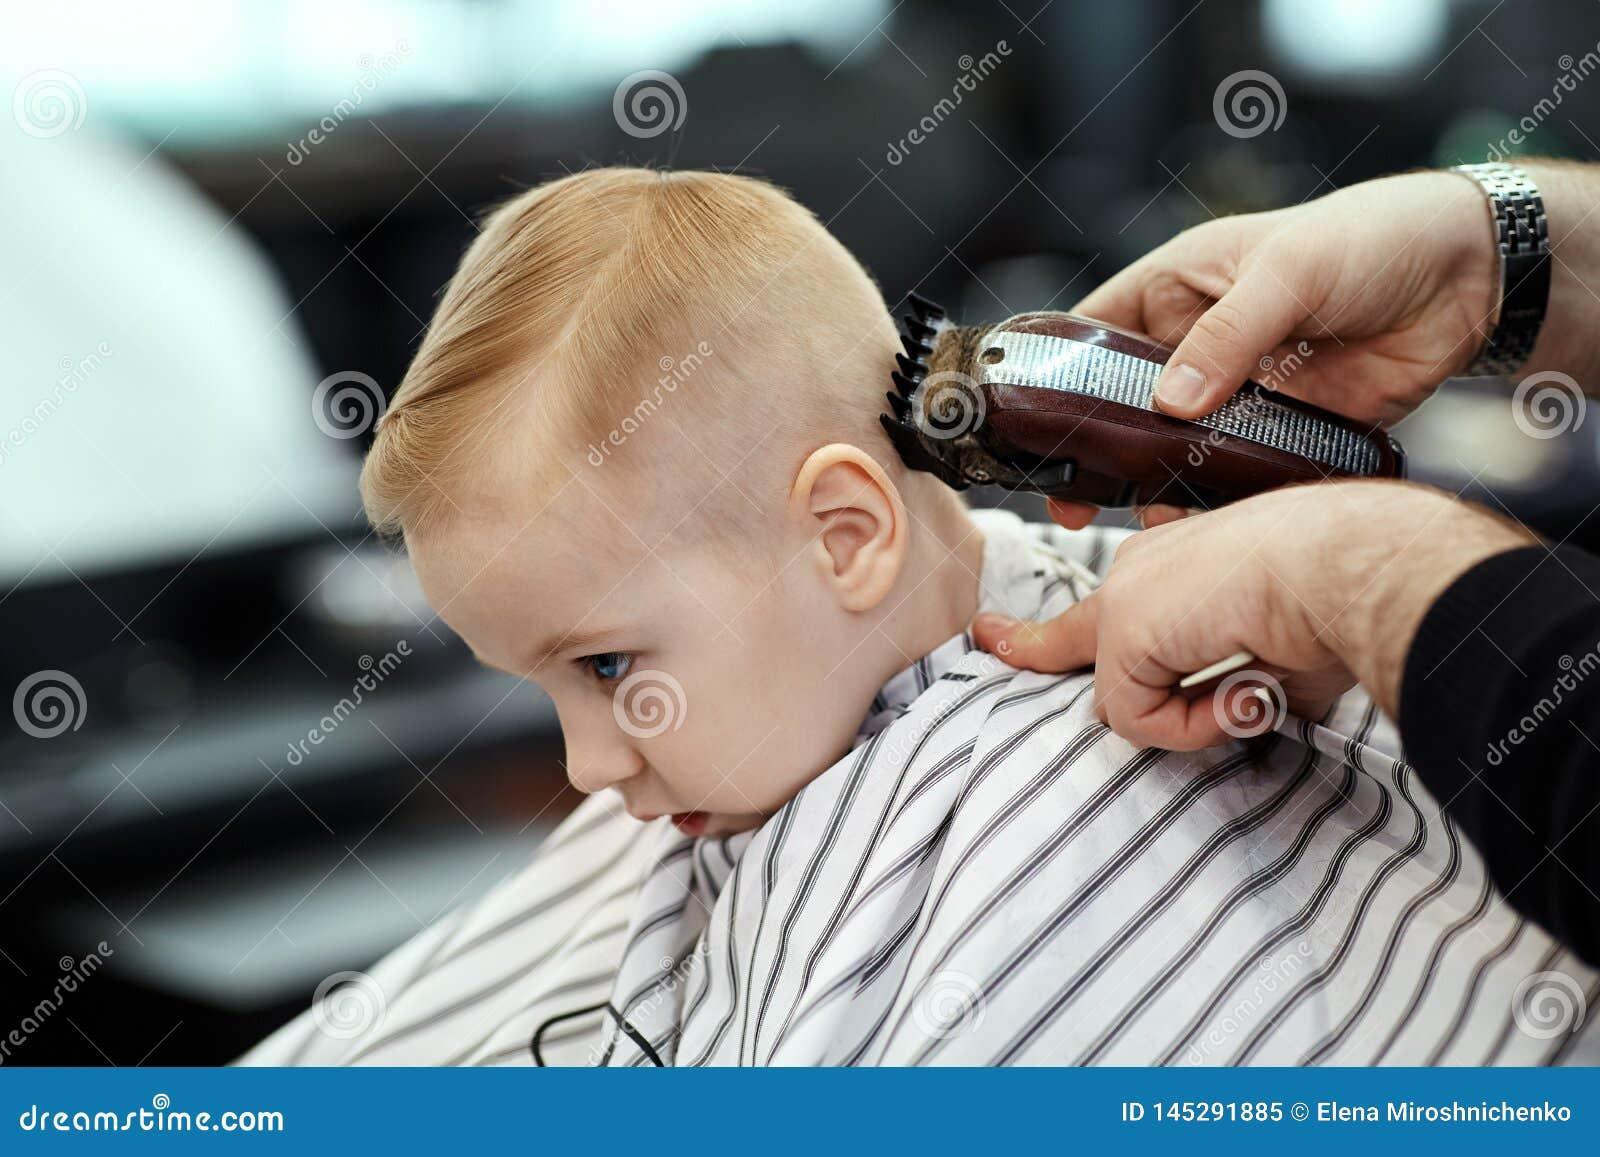 Leuke blonde babyjongen met blauwe ogen in een kapperswinkel die kapsel hebben door kapper Handen van stilist met hulpmiddelen